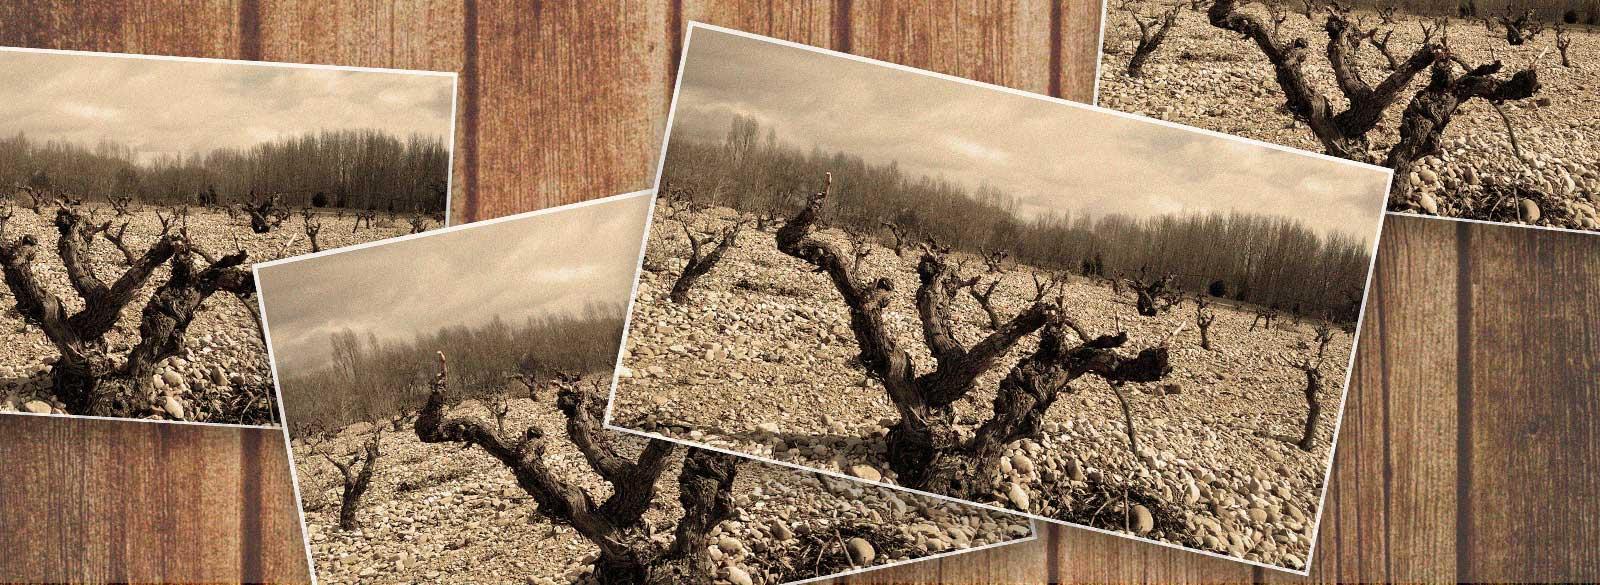 La conexión con la historia de las viñas viejas